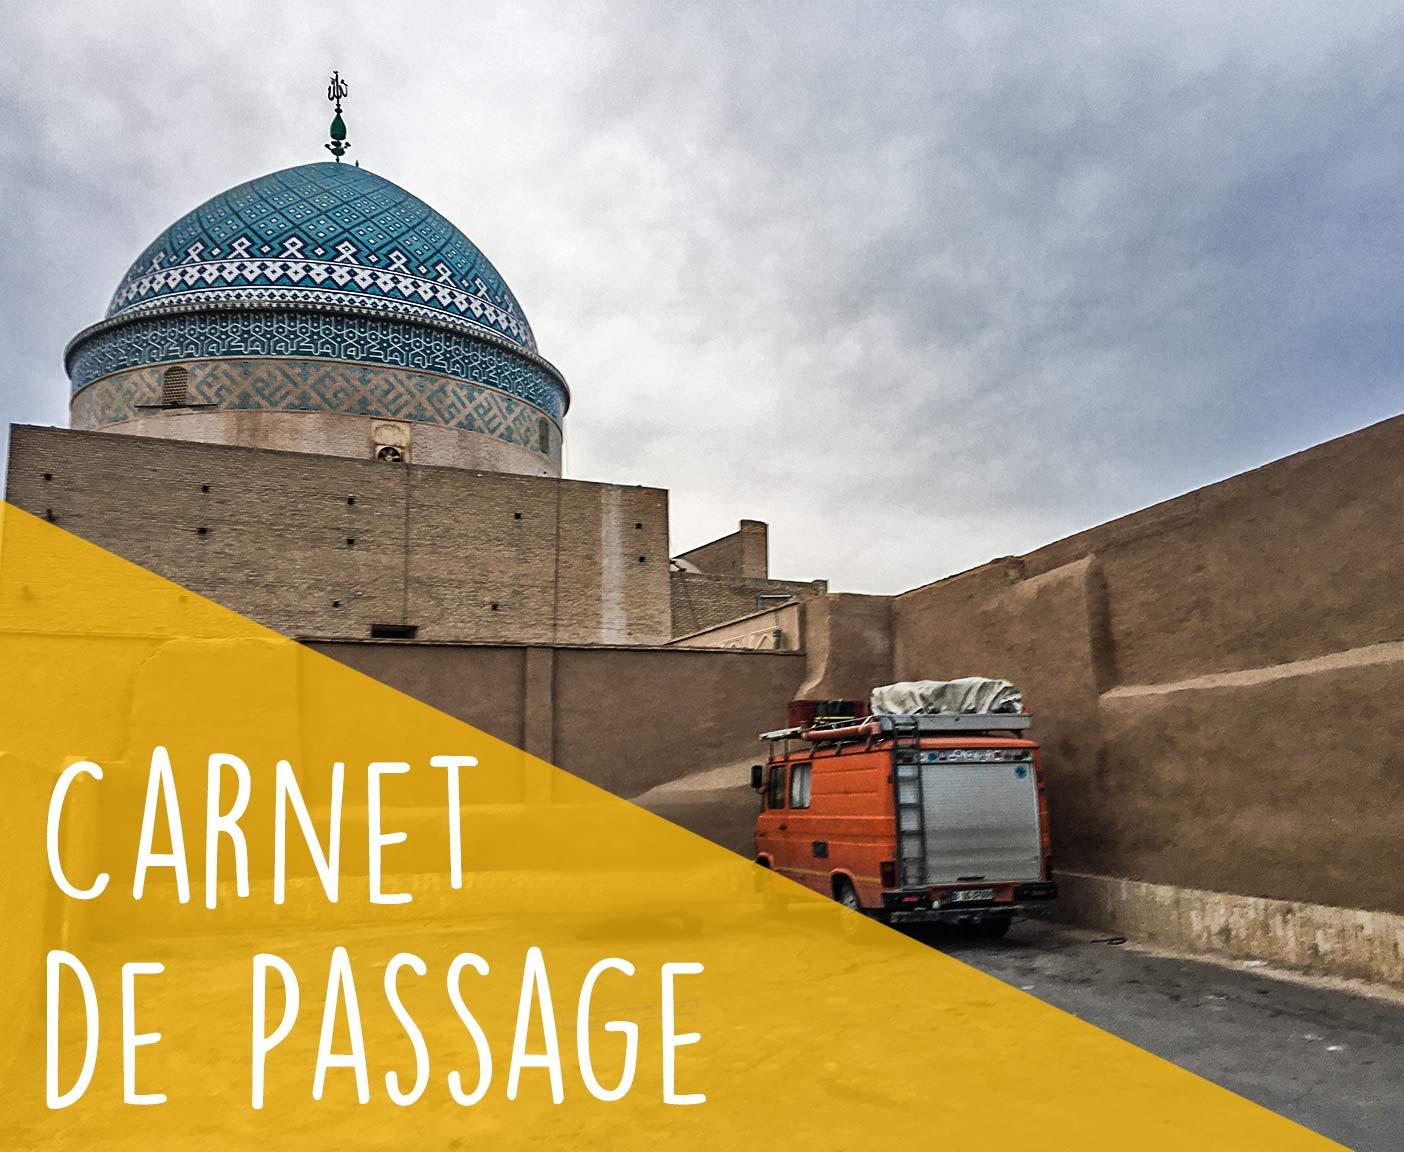 carnet-de-passage-kosten-deutschland-adac-pakistan-iran-indien-wie-bekommt-man-einen-cover